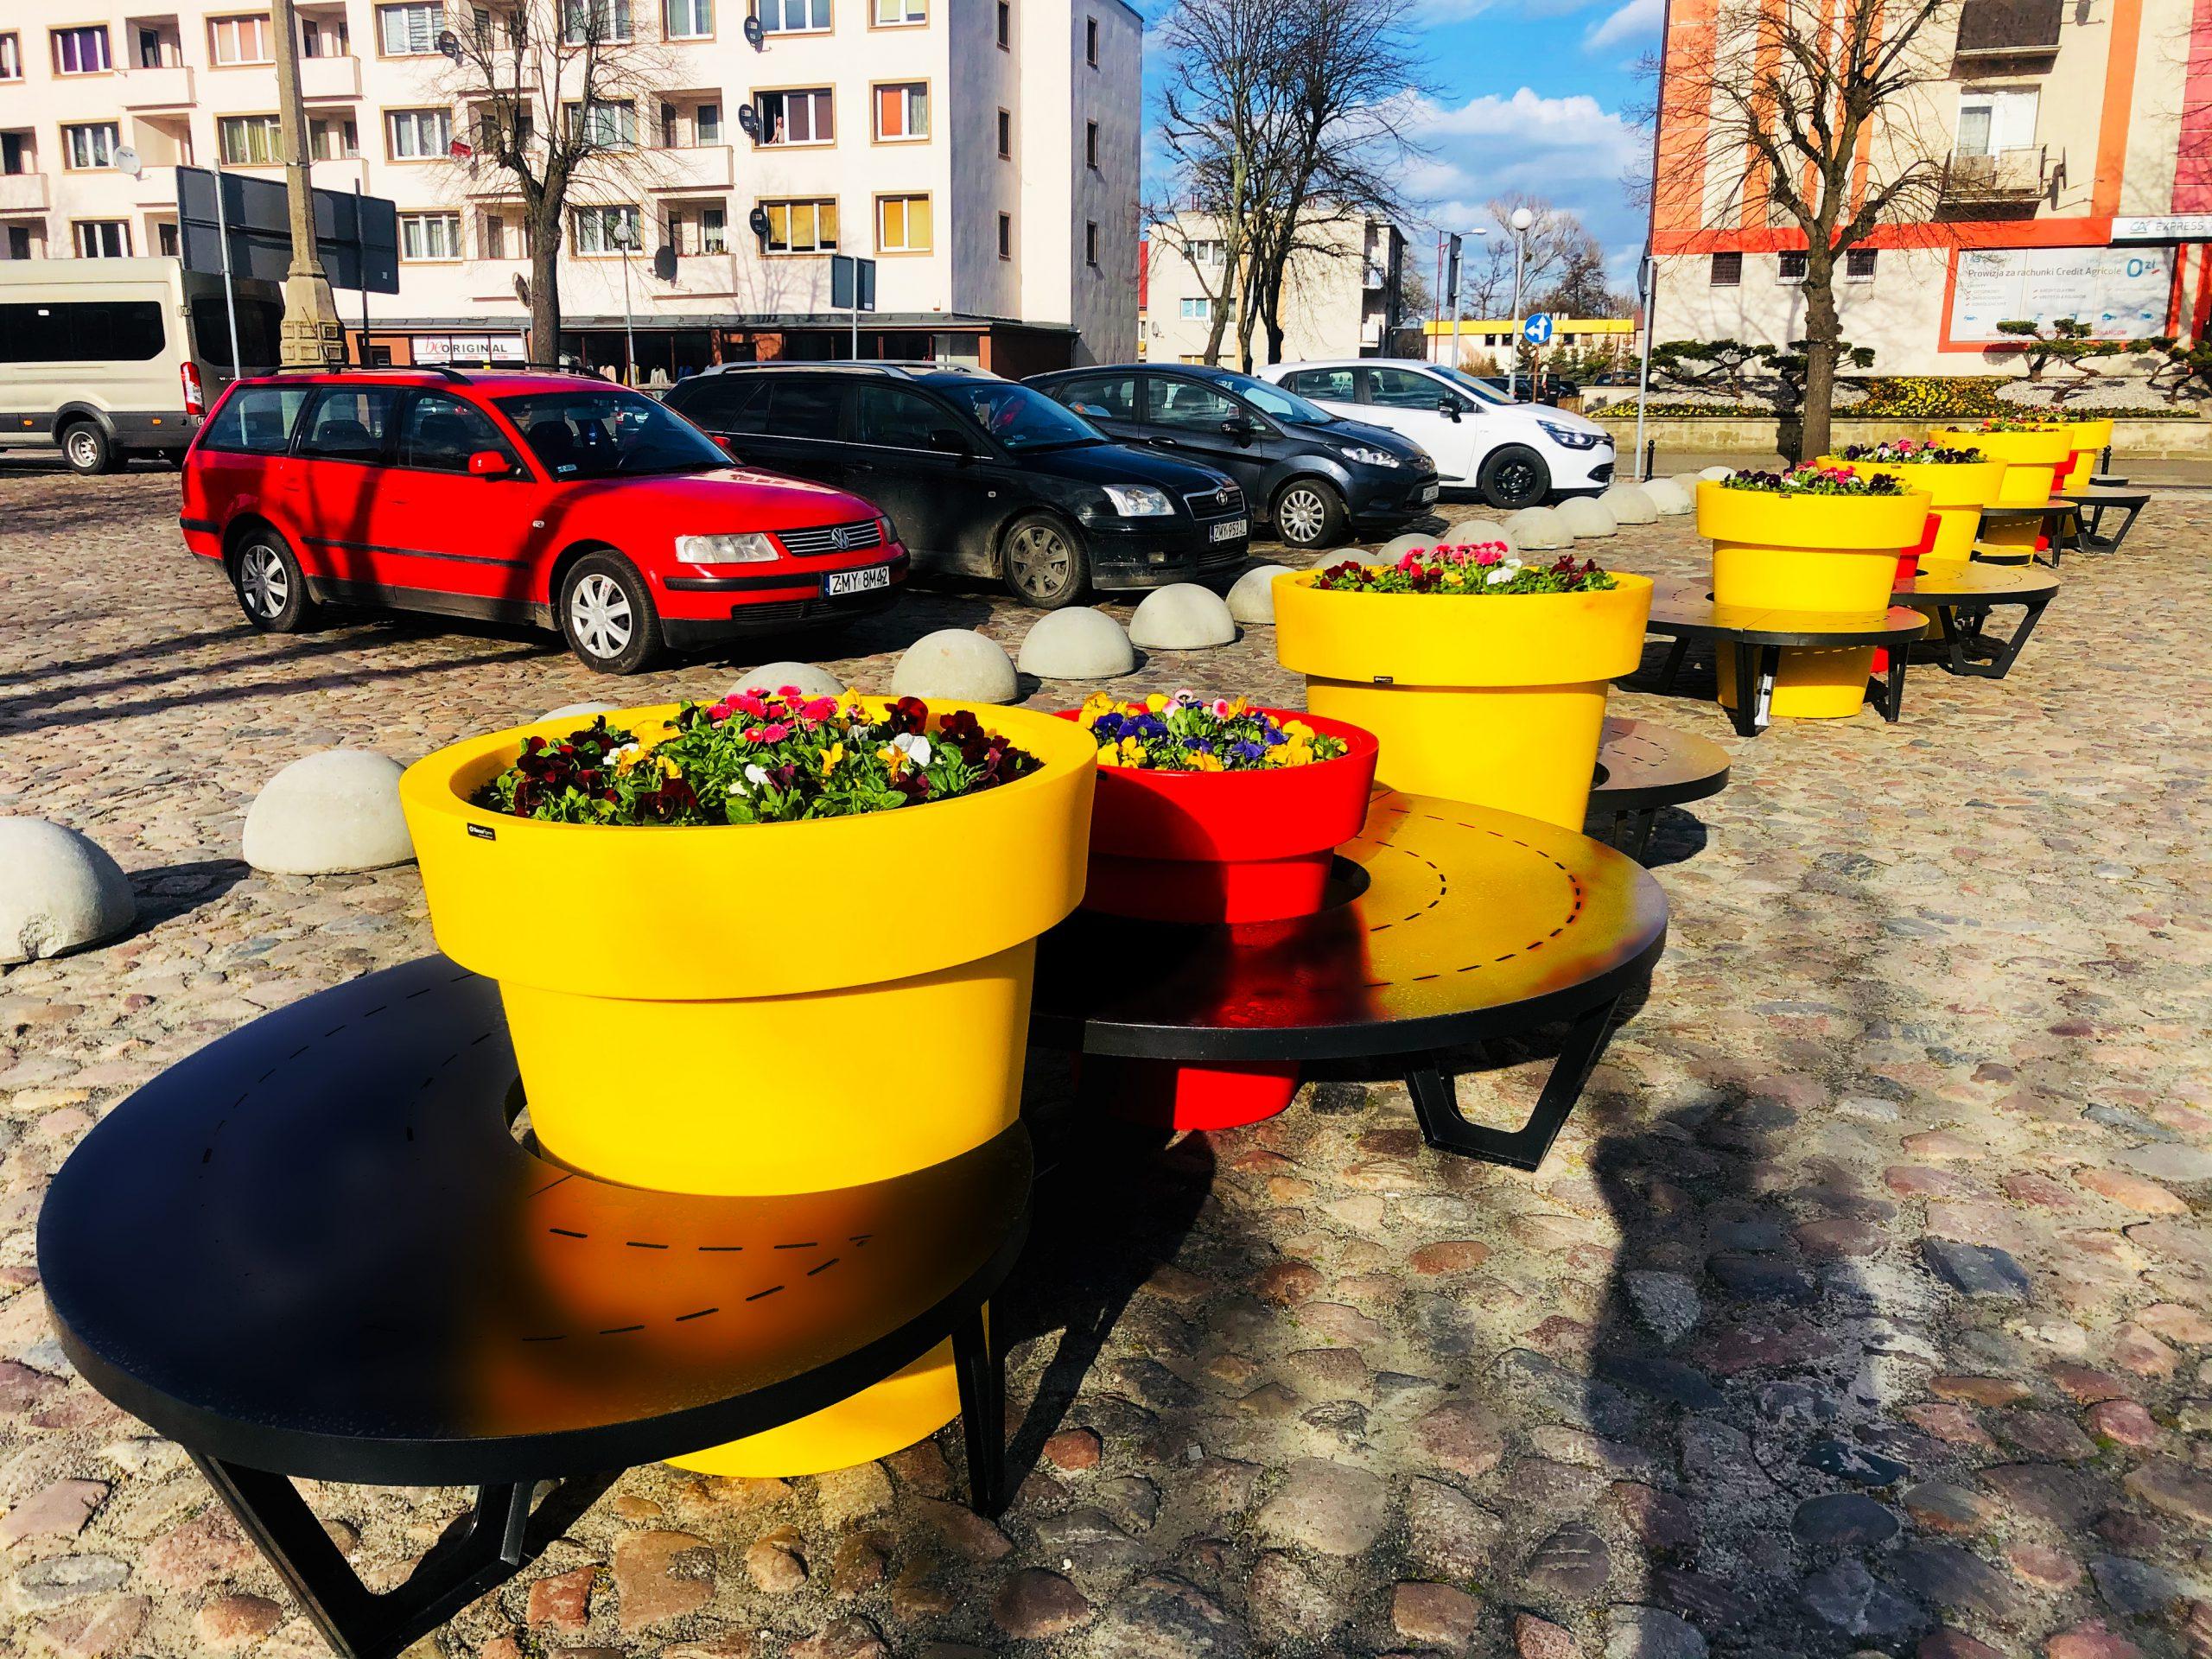 Dębno w słonecznych barwach – mała architektura rozkwita na wiosnę